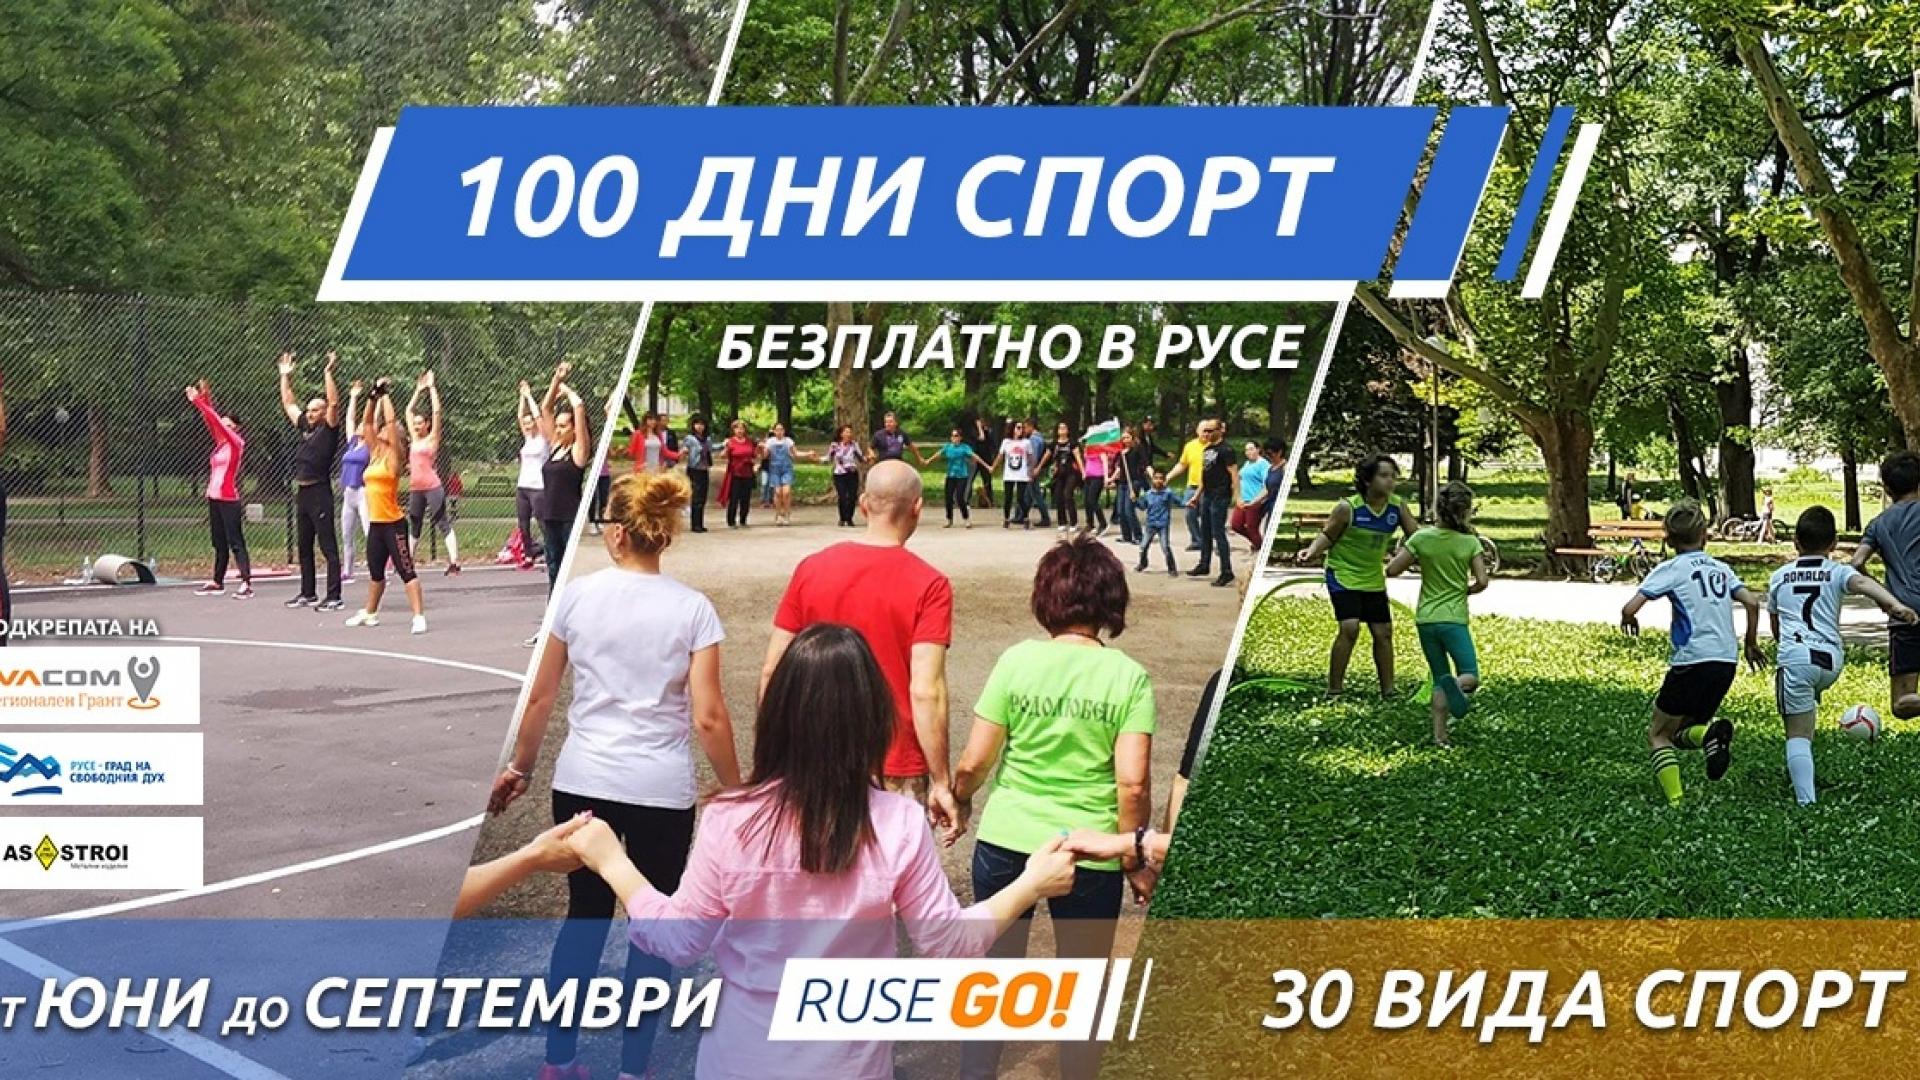 100 ДНИ АКТИВЕН СПОРТ В РУСЕ